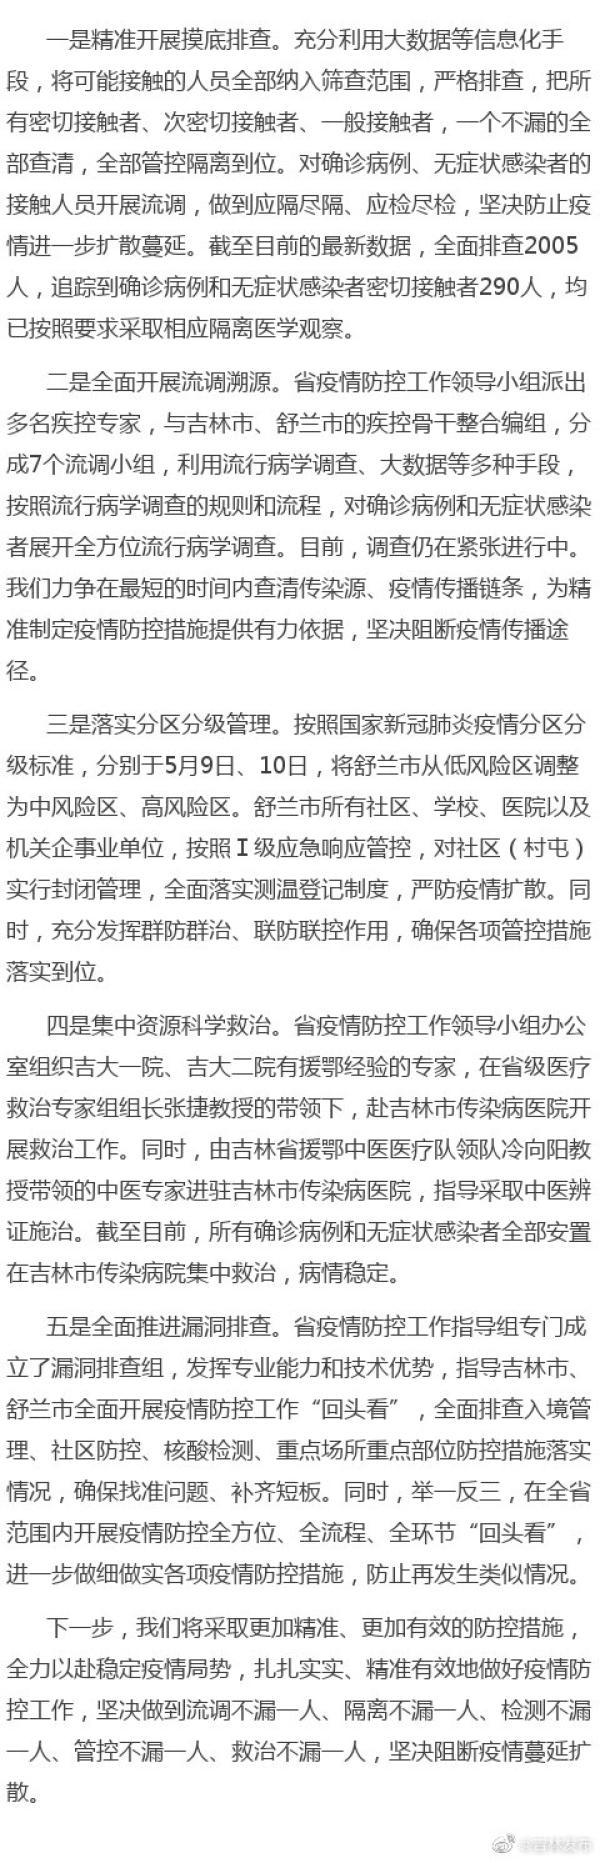 北京7天0新增查分兴奋到脑出血